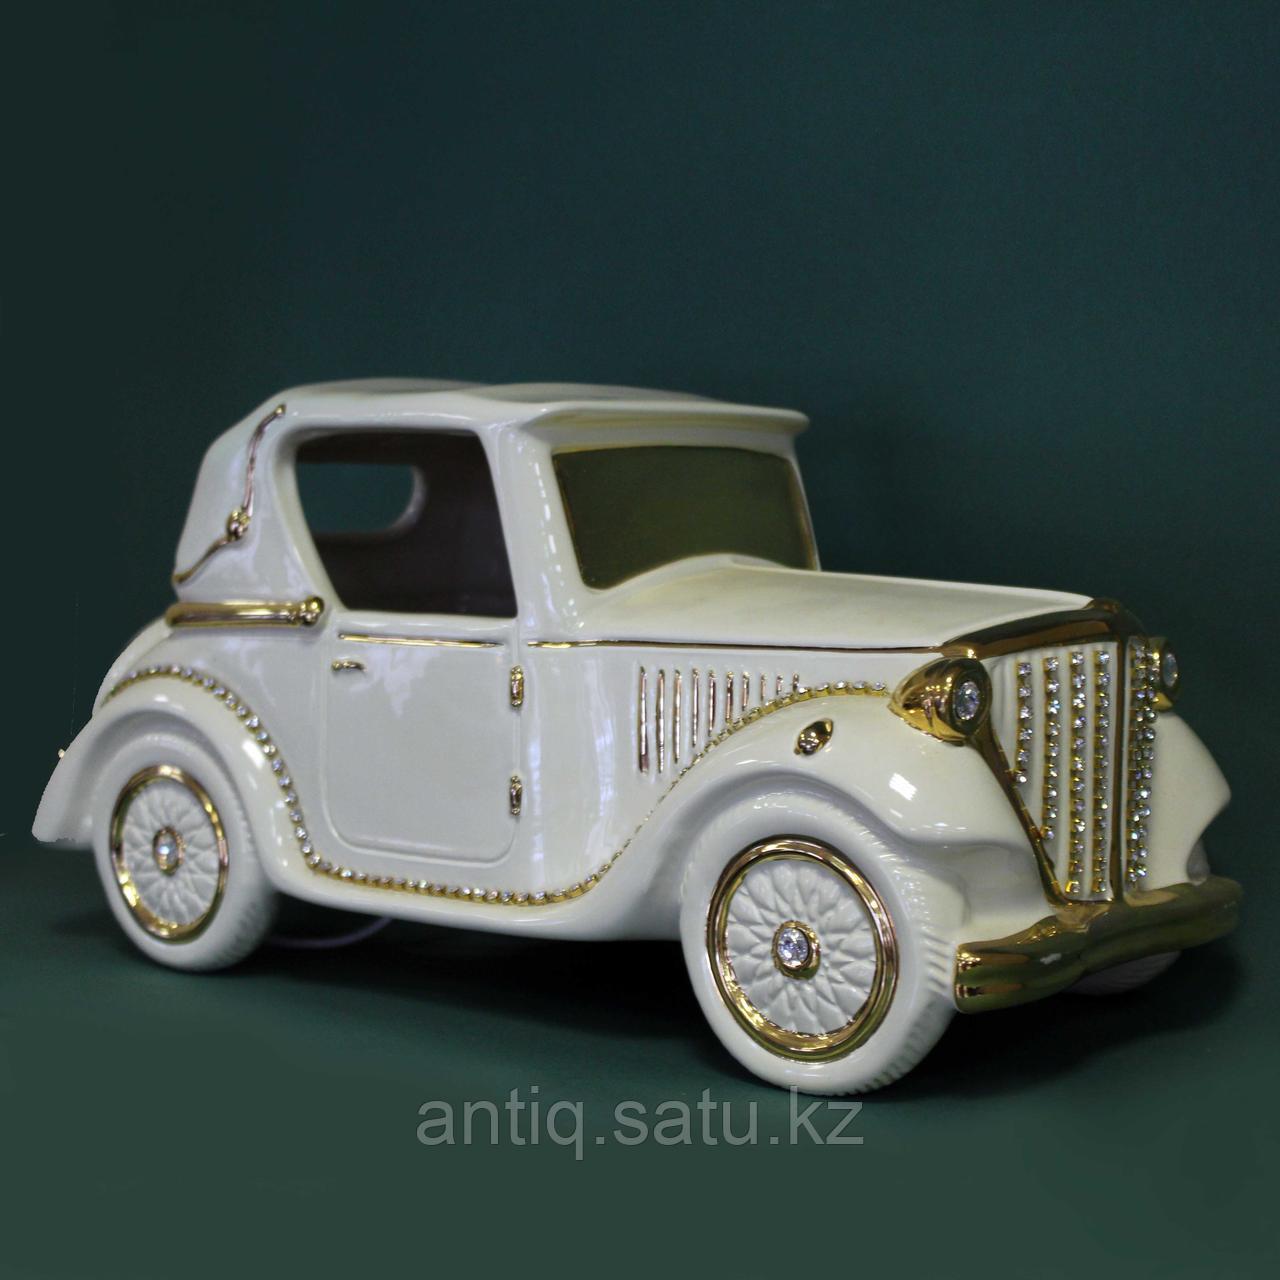 Светильник. Ретро-автомобиль с кристаллами сваровски. Фарфор - фото 1